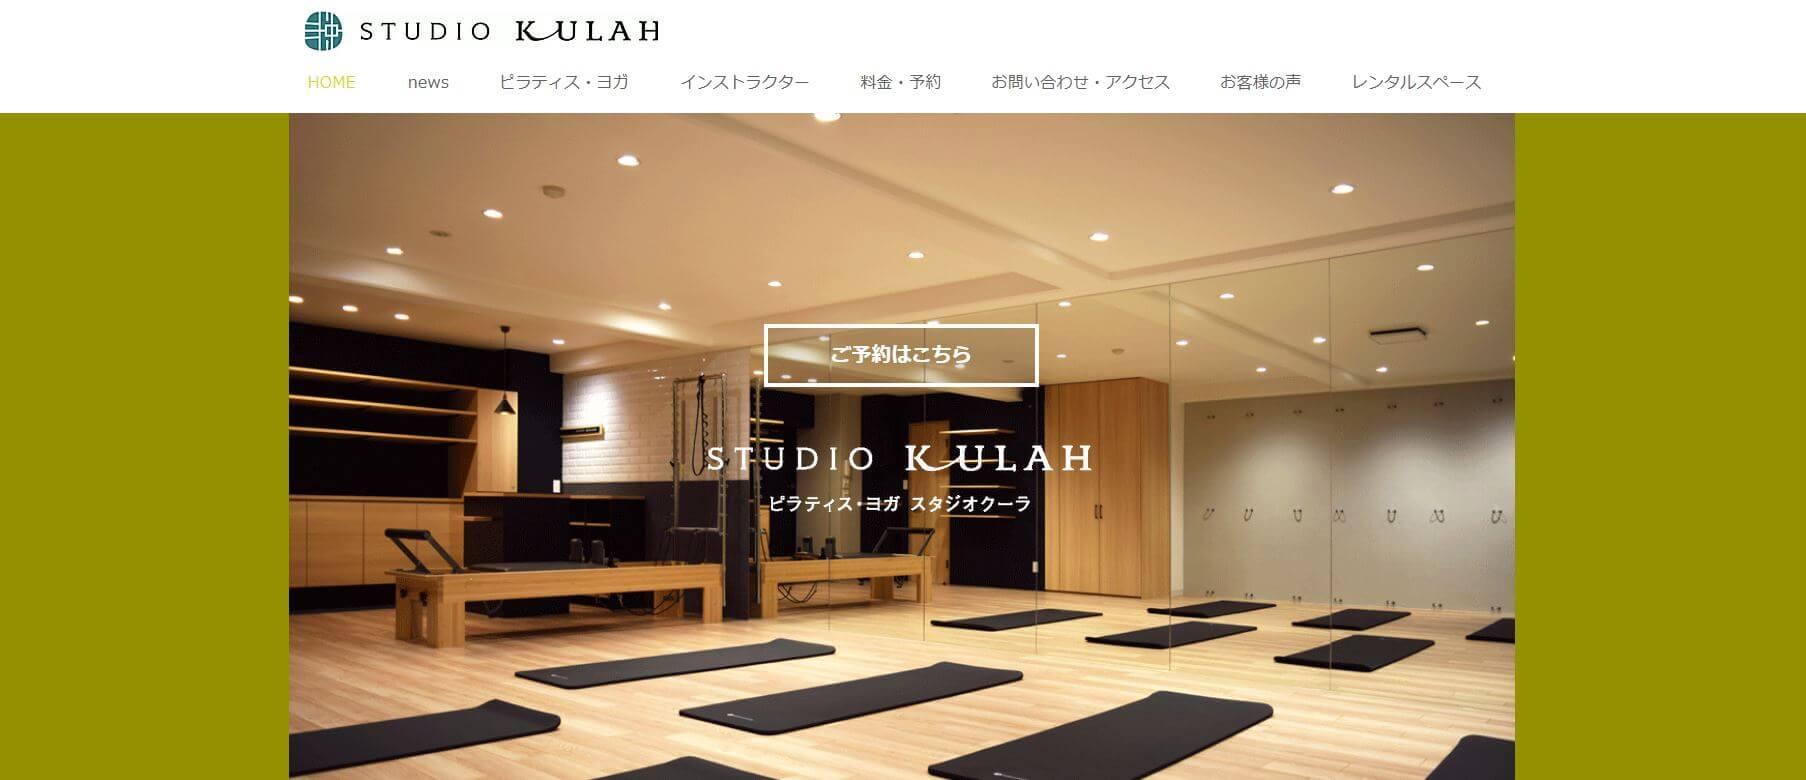 Studio Kulah(スタジオ・クーラ)